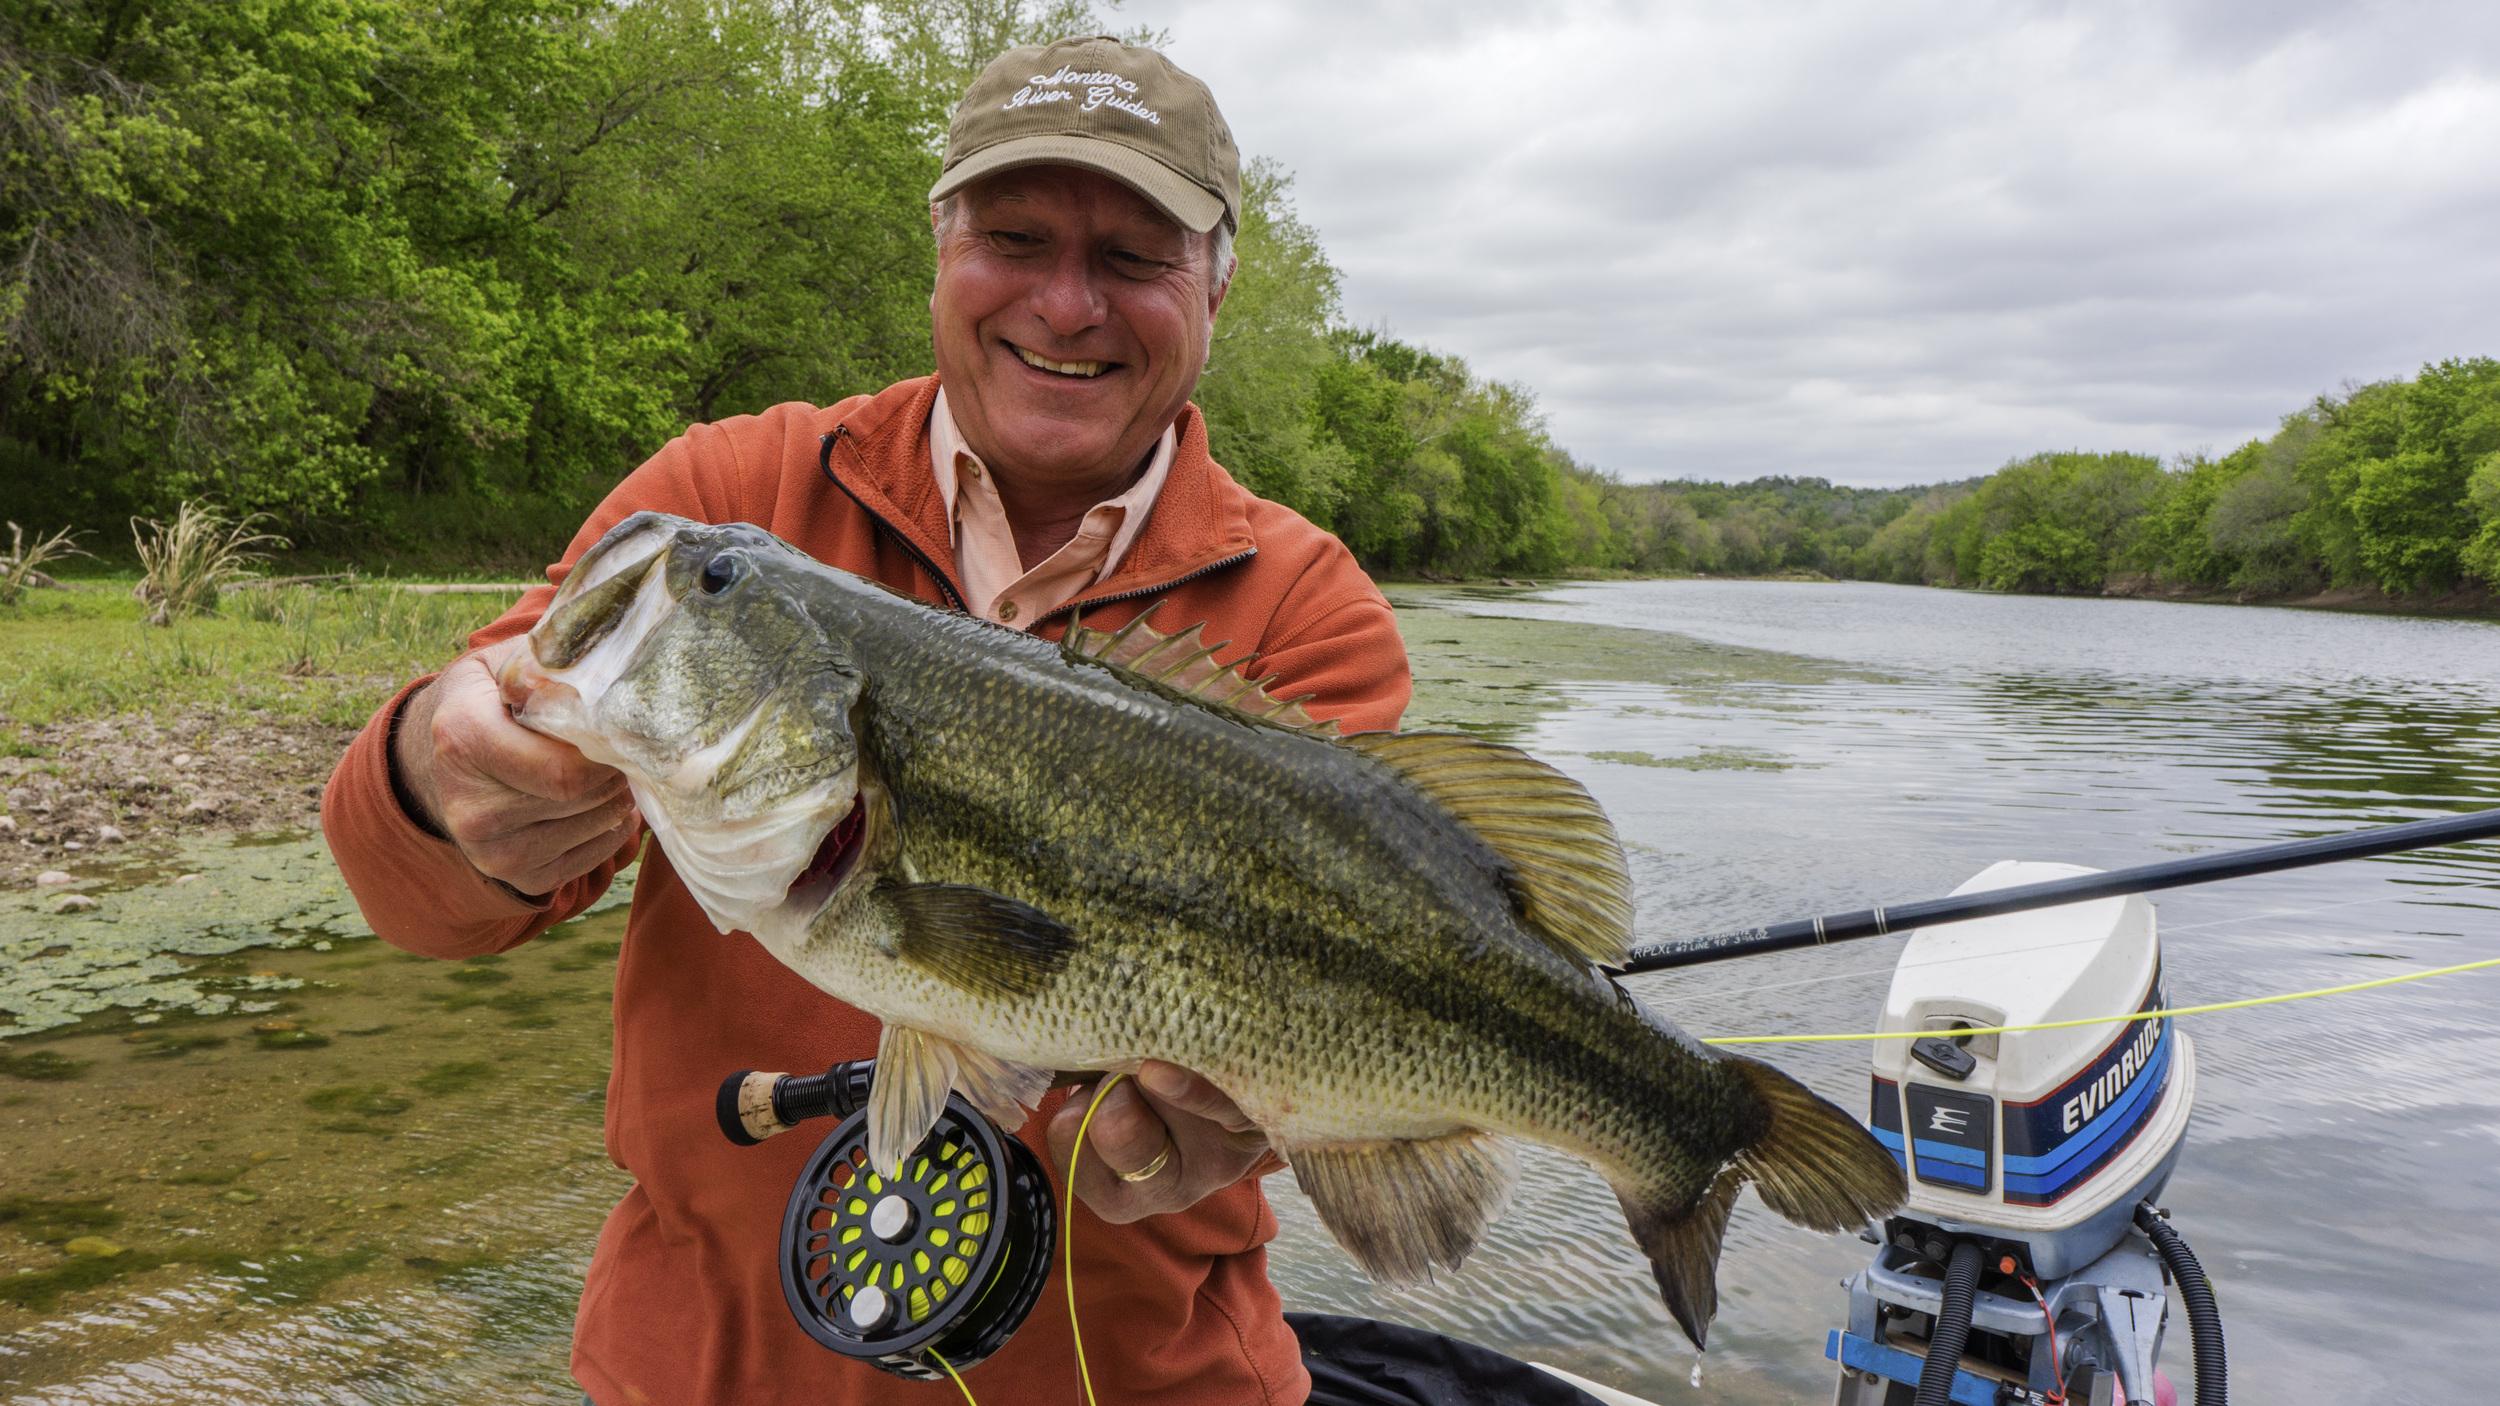 A Huge River Bass